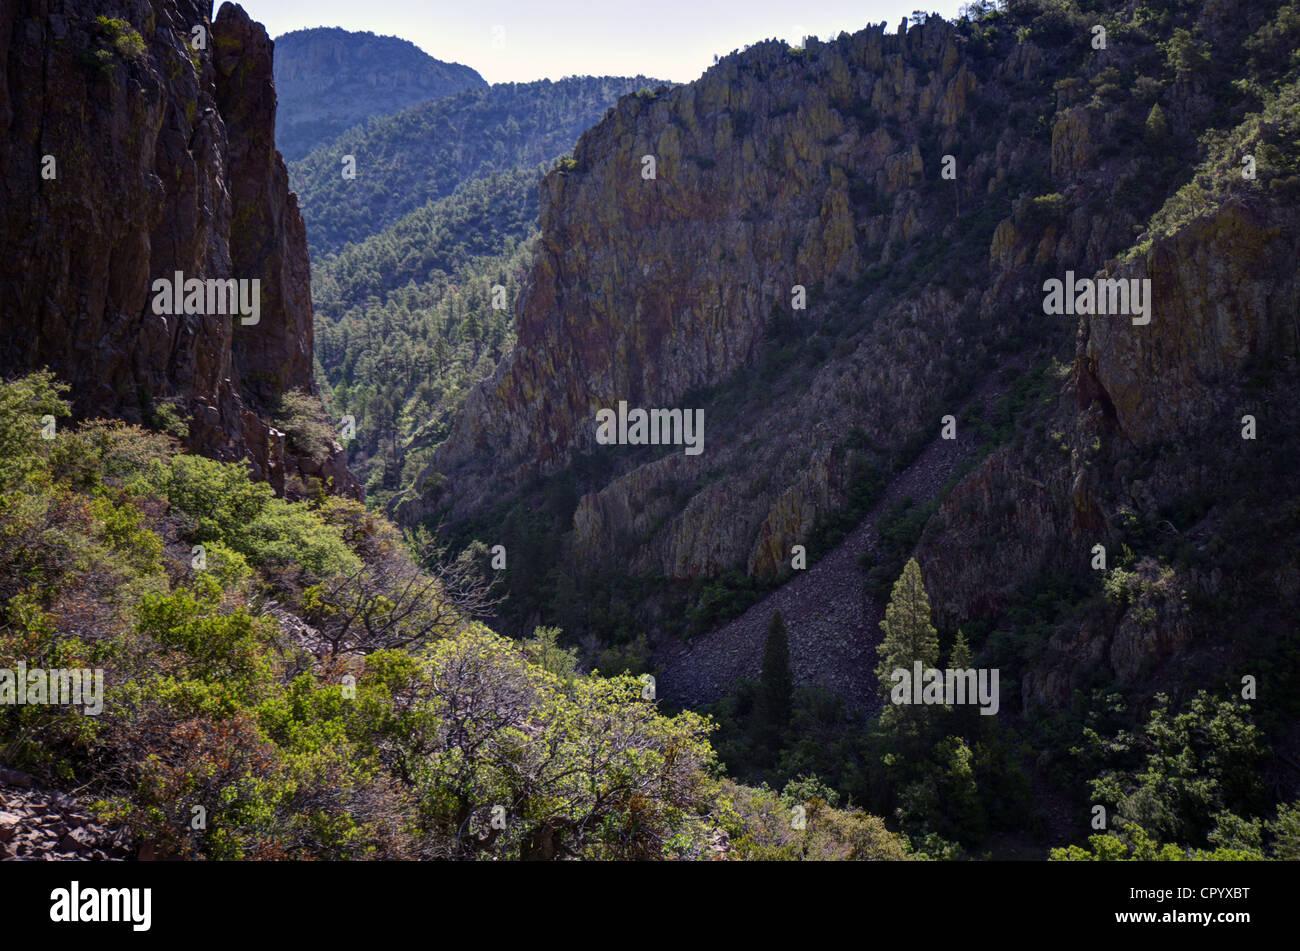 New mexico socorro county magdalena - South Canyon Magdalena Mountains Socorro County New Mexico Usa